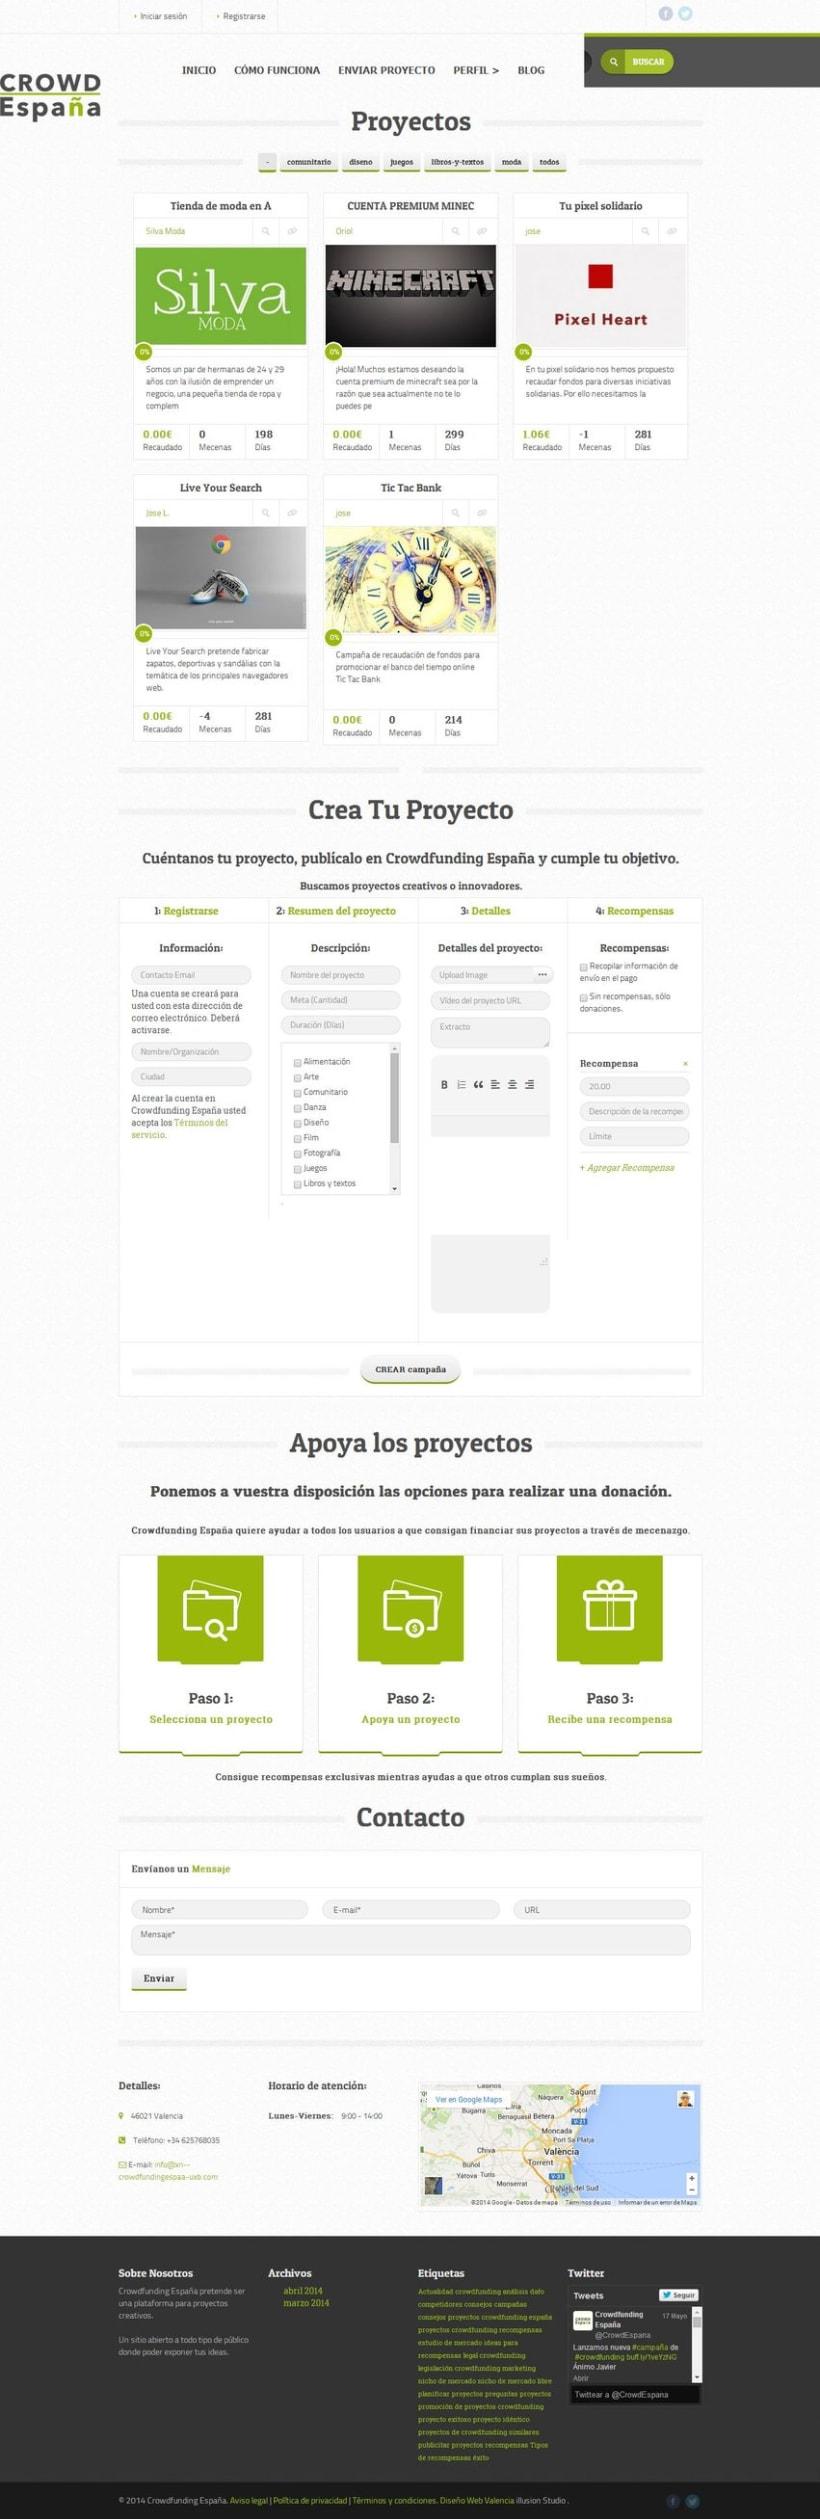 Crowdfunding España 0